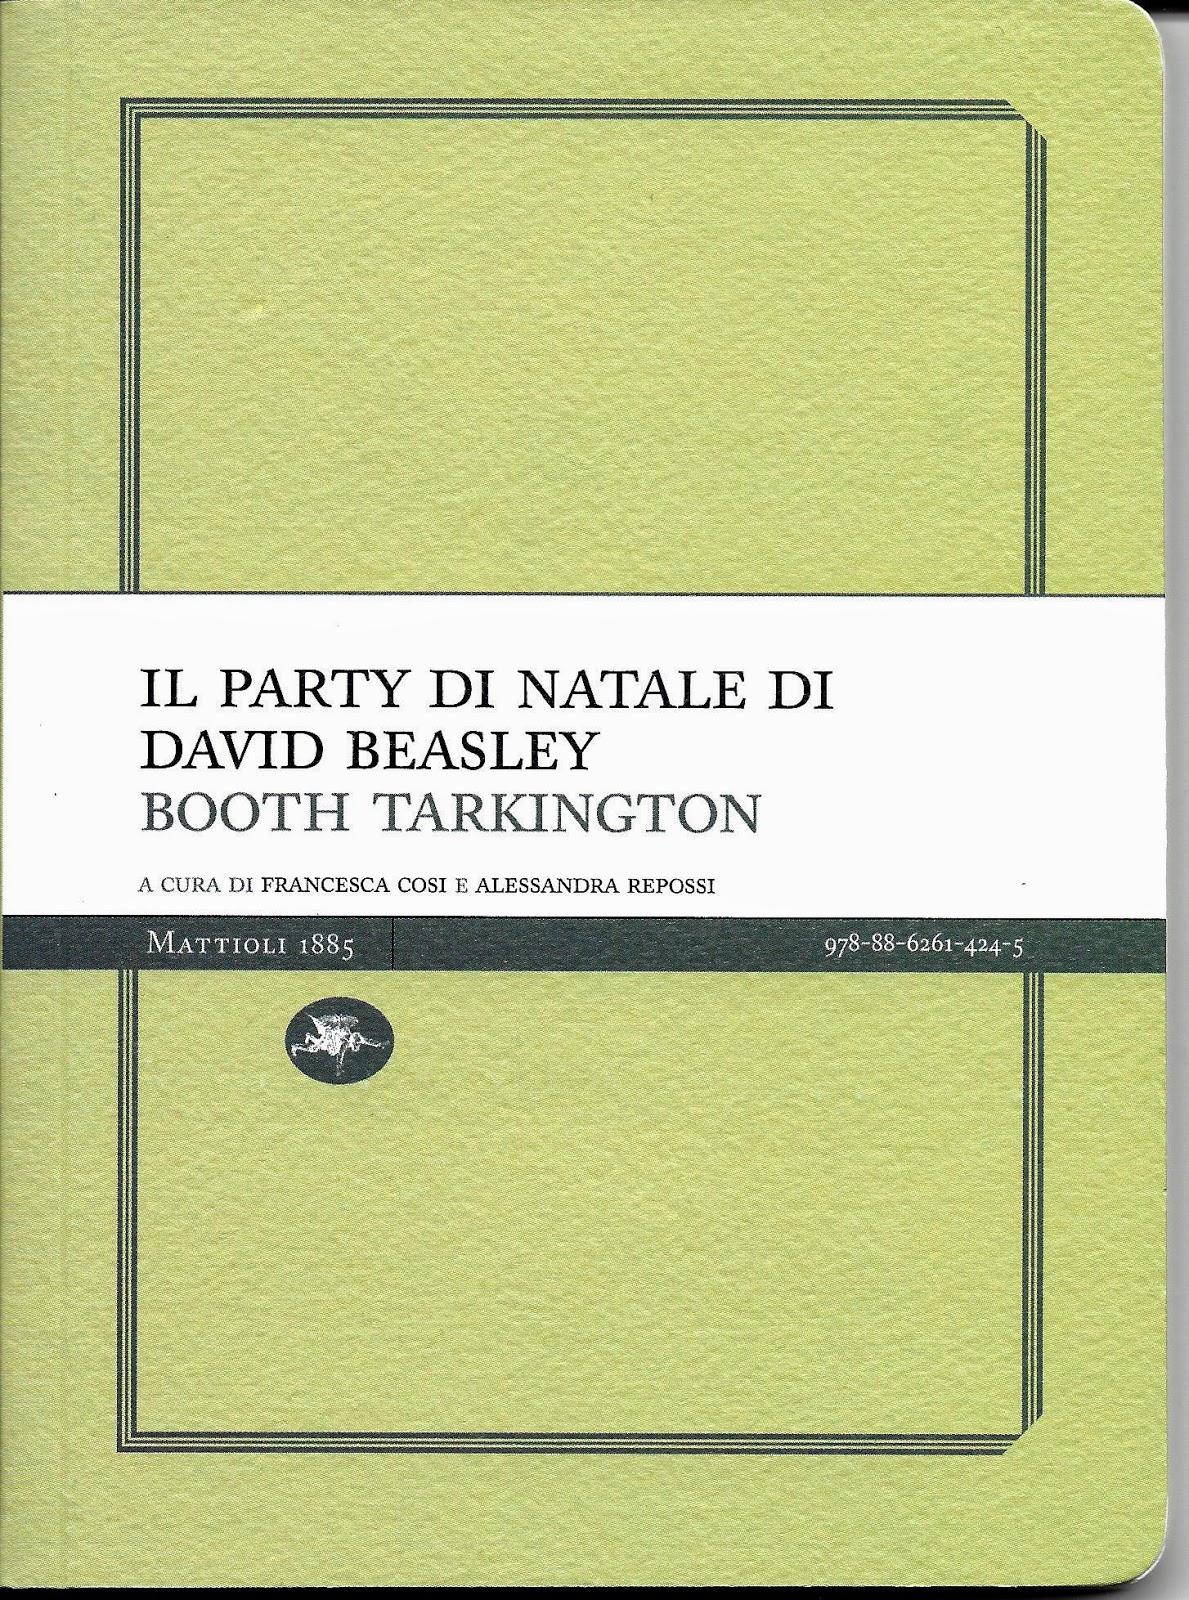 Il party di Natale di David Beasley-Booth Tarkington-Traduzione di Francesca Cosi e Alessandra Repossi - copertina